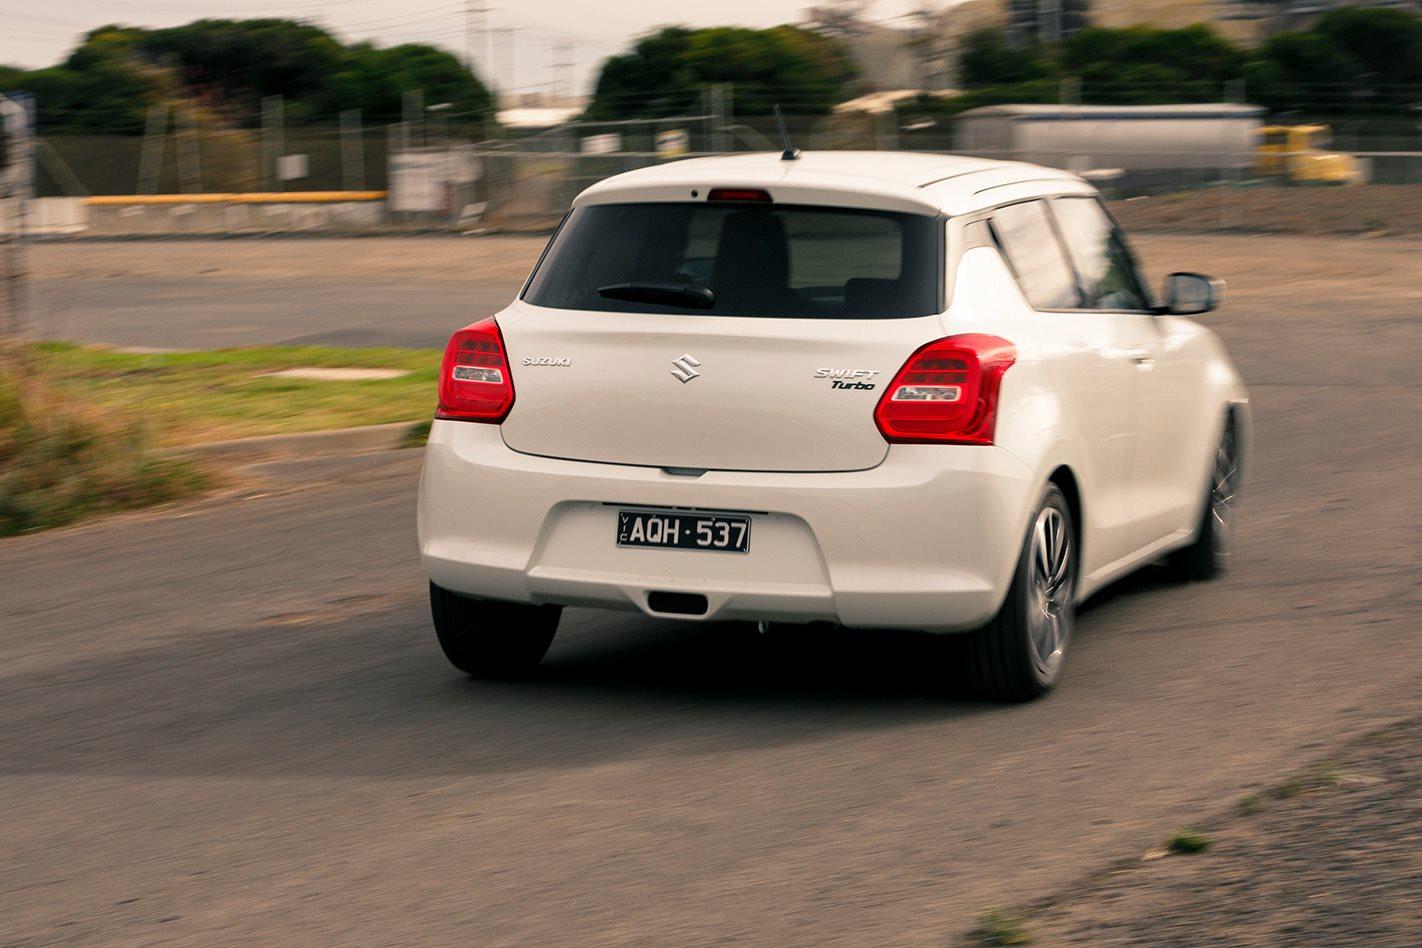 Volkswagen Polo V Mazda 2 Suzuki Swift Citroen C3 Skoda Fabia Kia Cerato Fuse Box Comparison Review